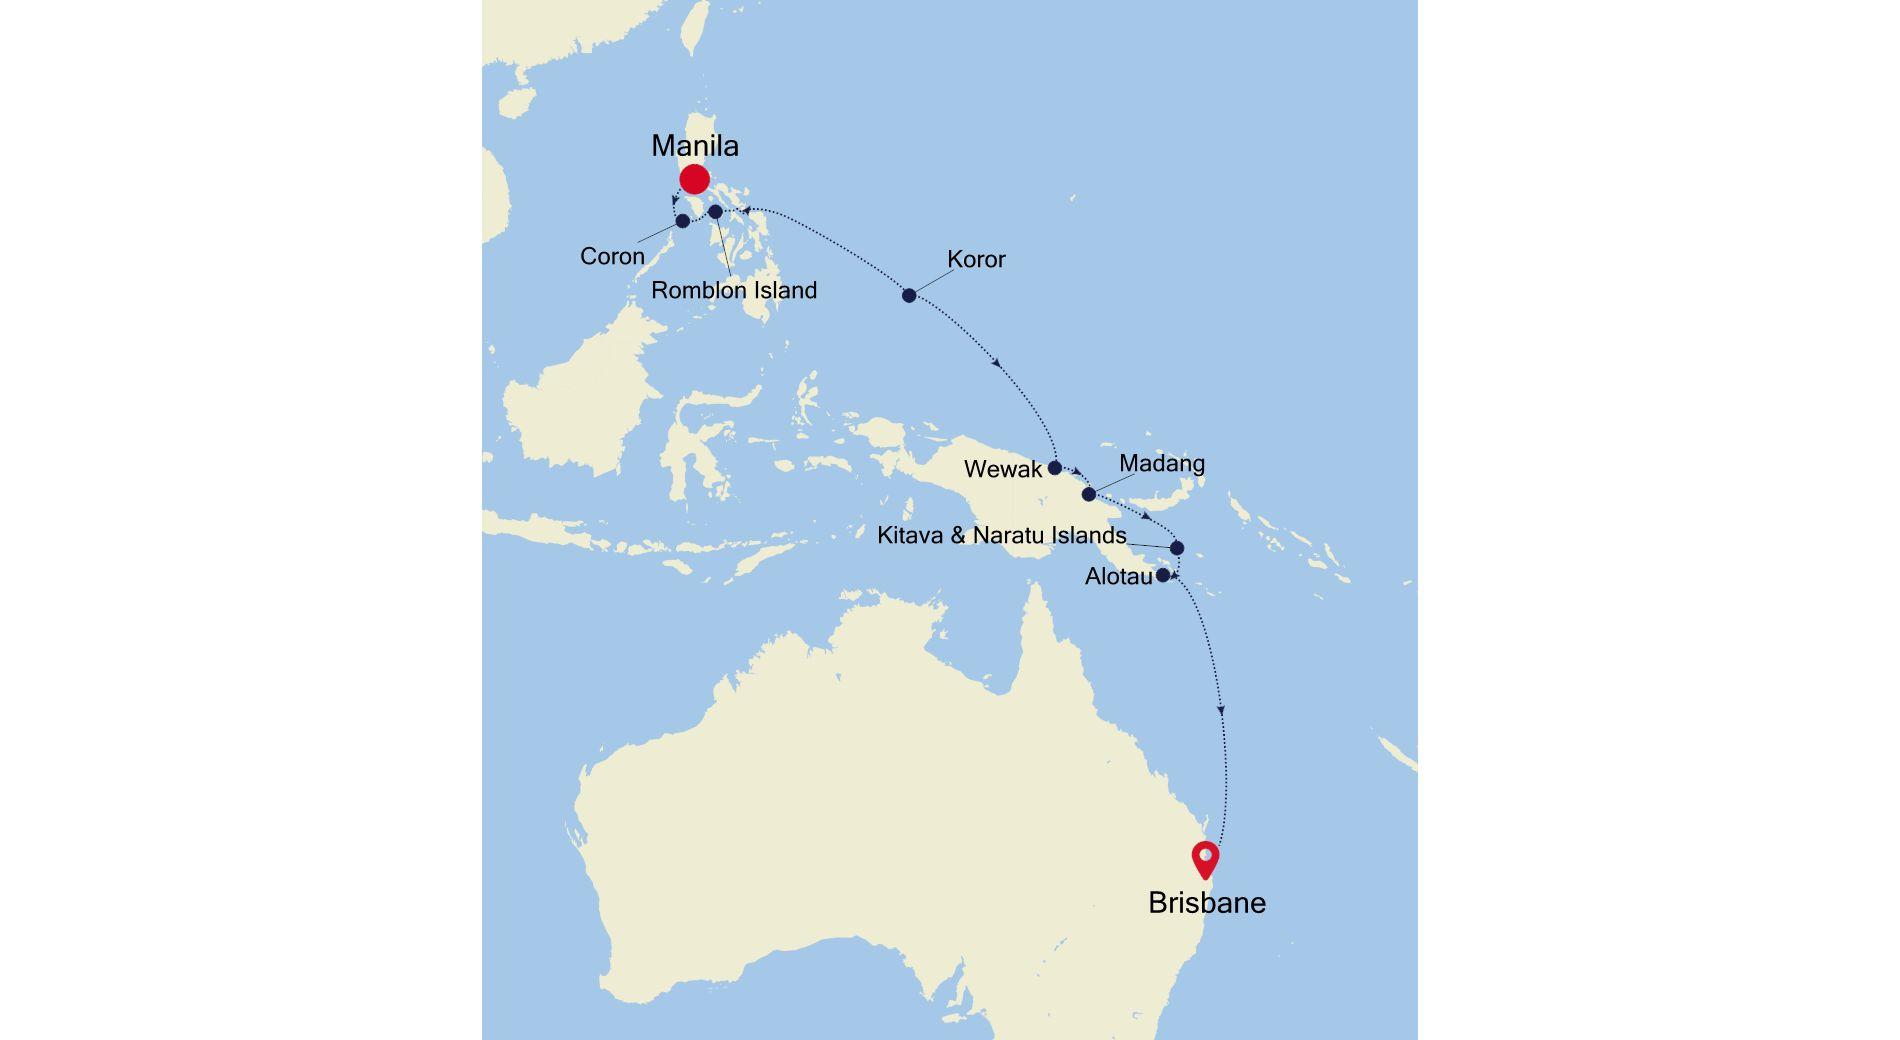 SM201013S16 - Manila à Brisbane